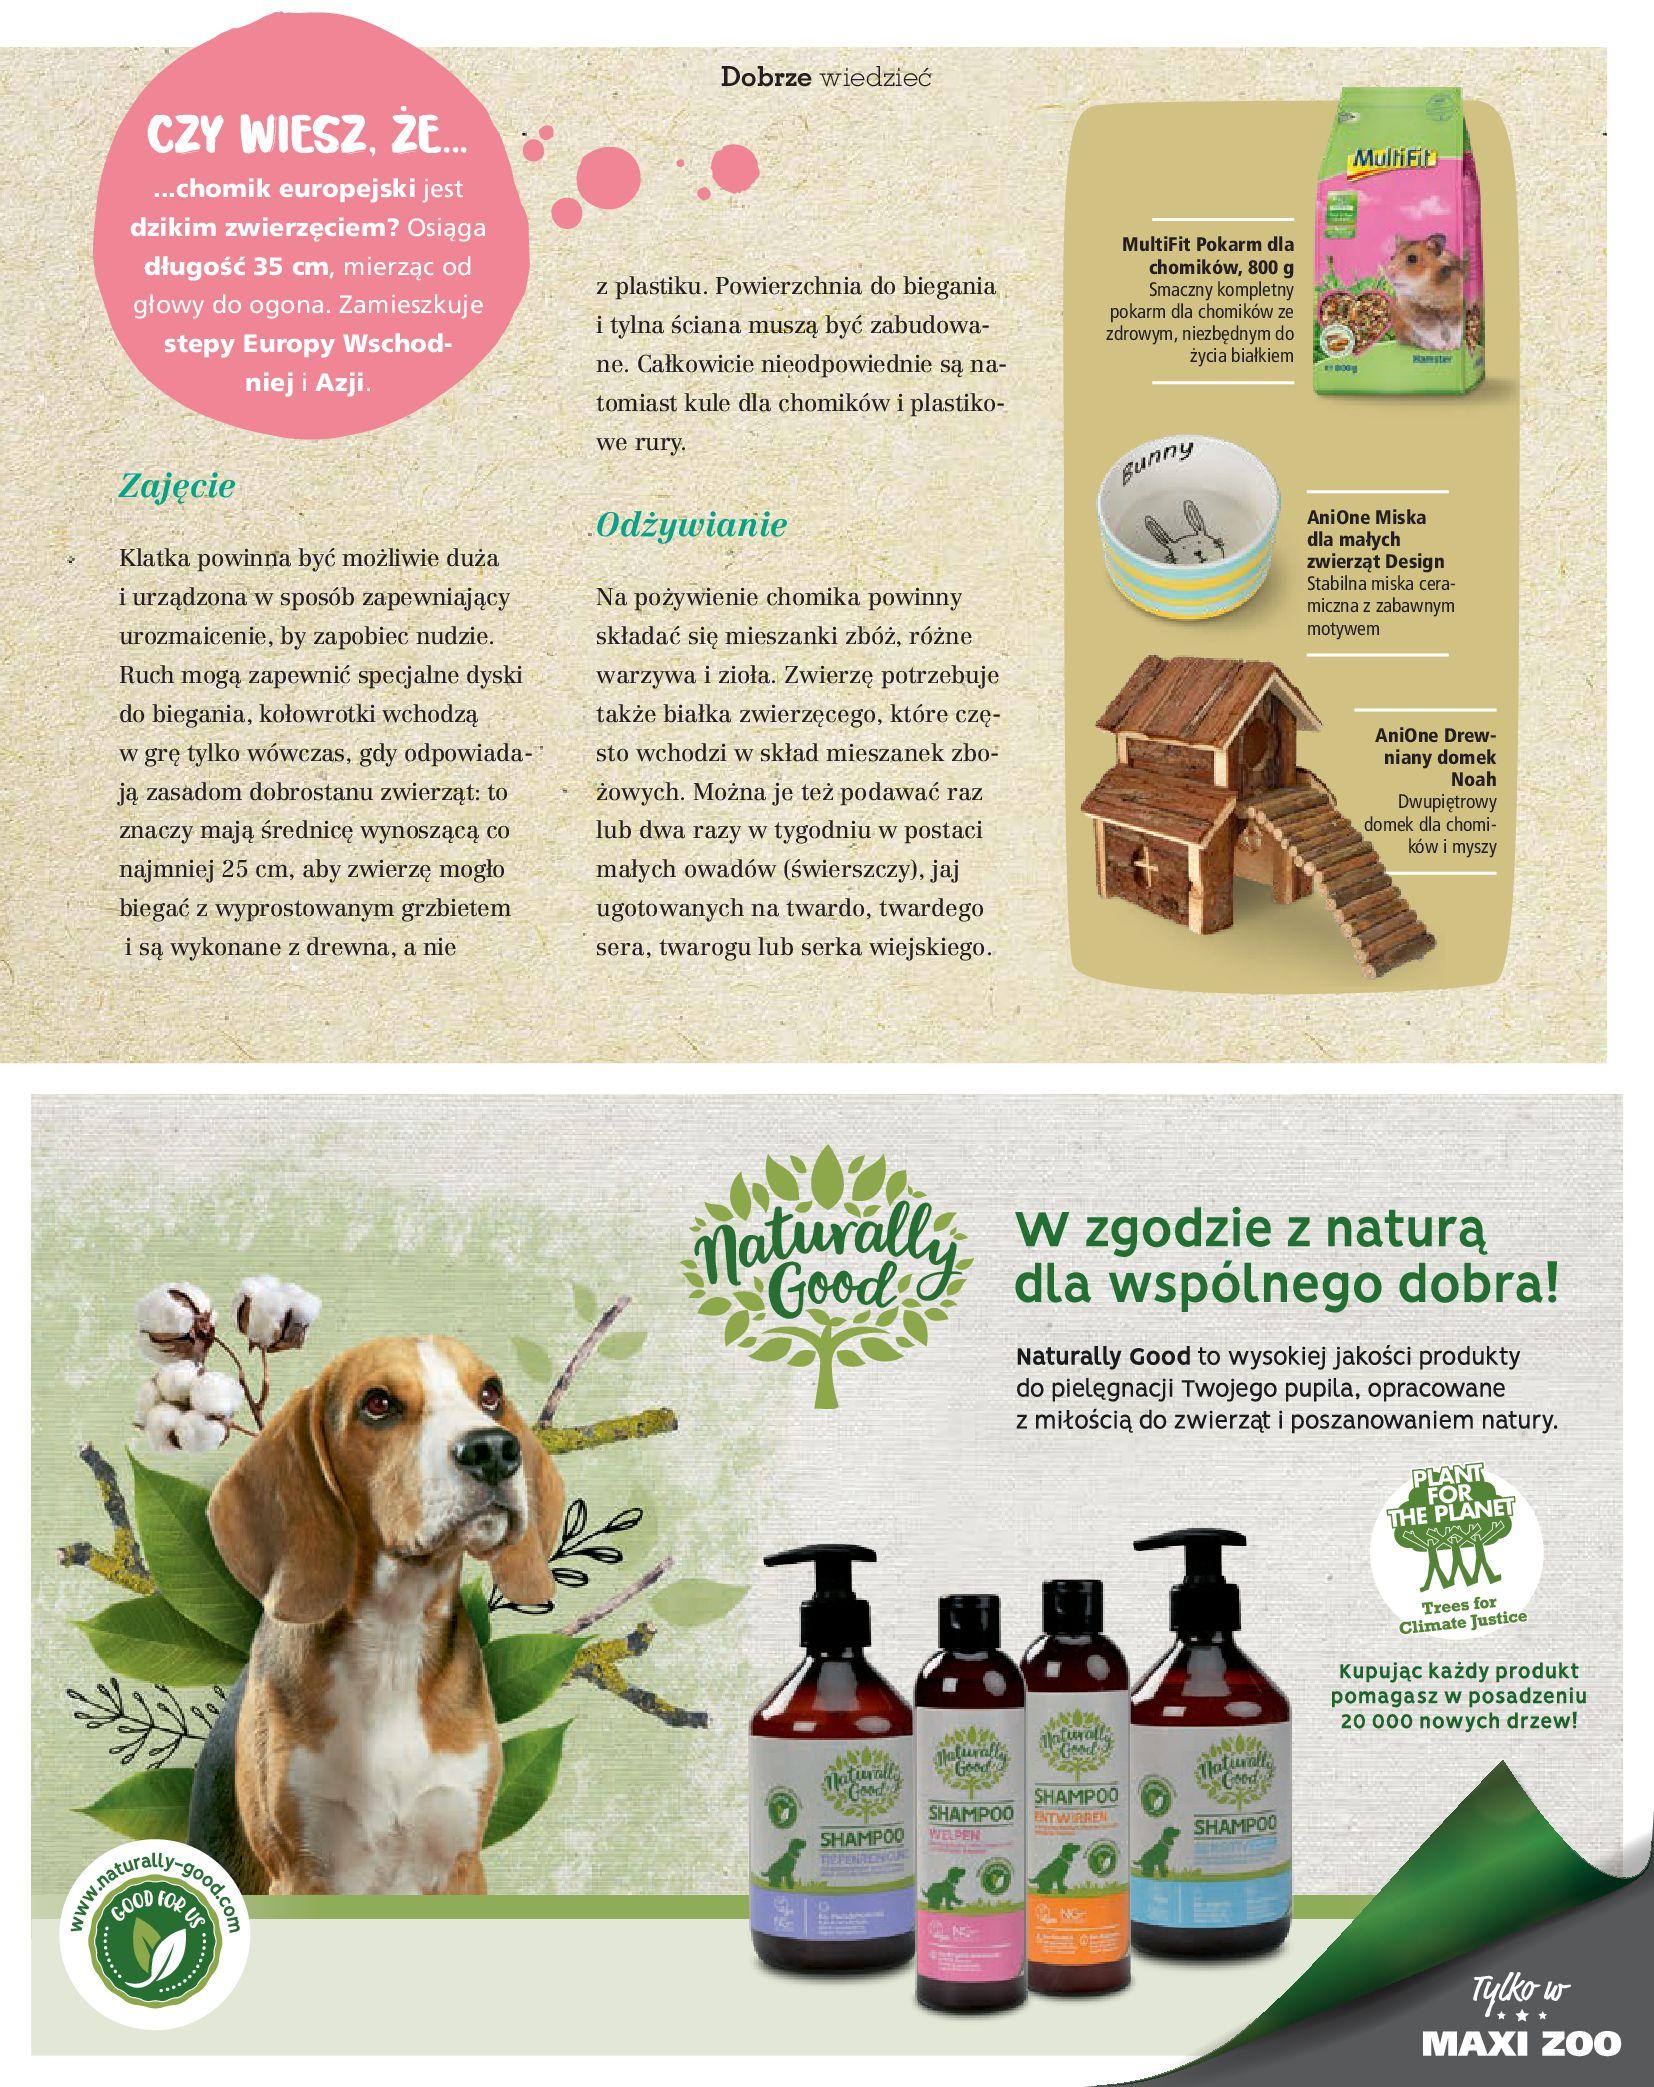 Gazetka Maxi Zoo: Gazetka Maxi Zoo - Friends 2021-05-18 page-33